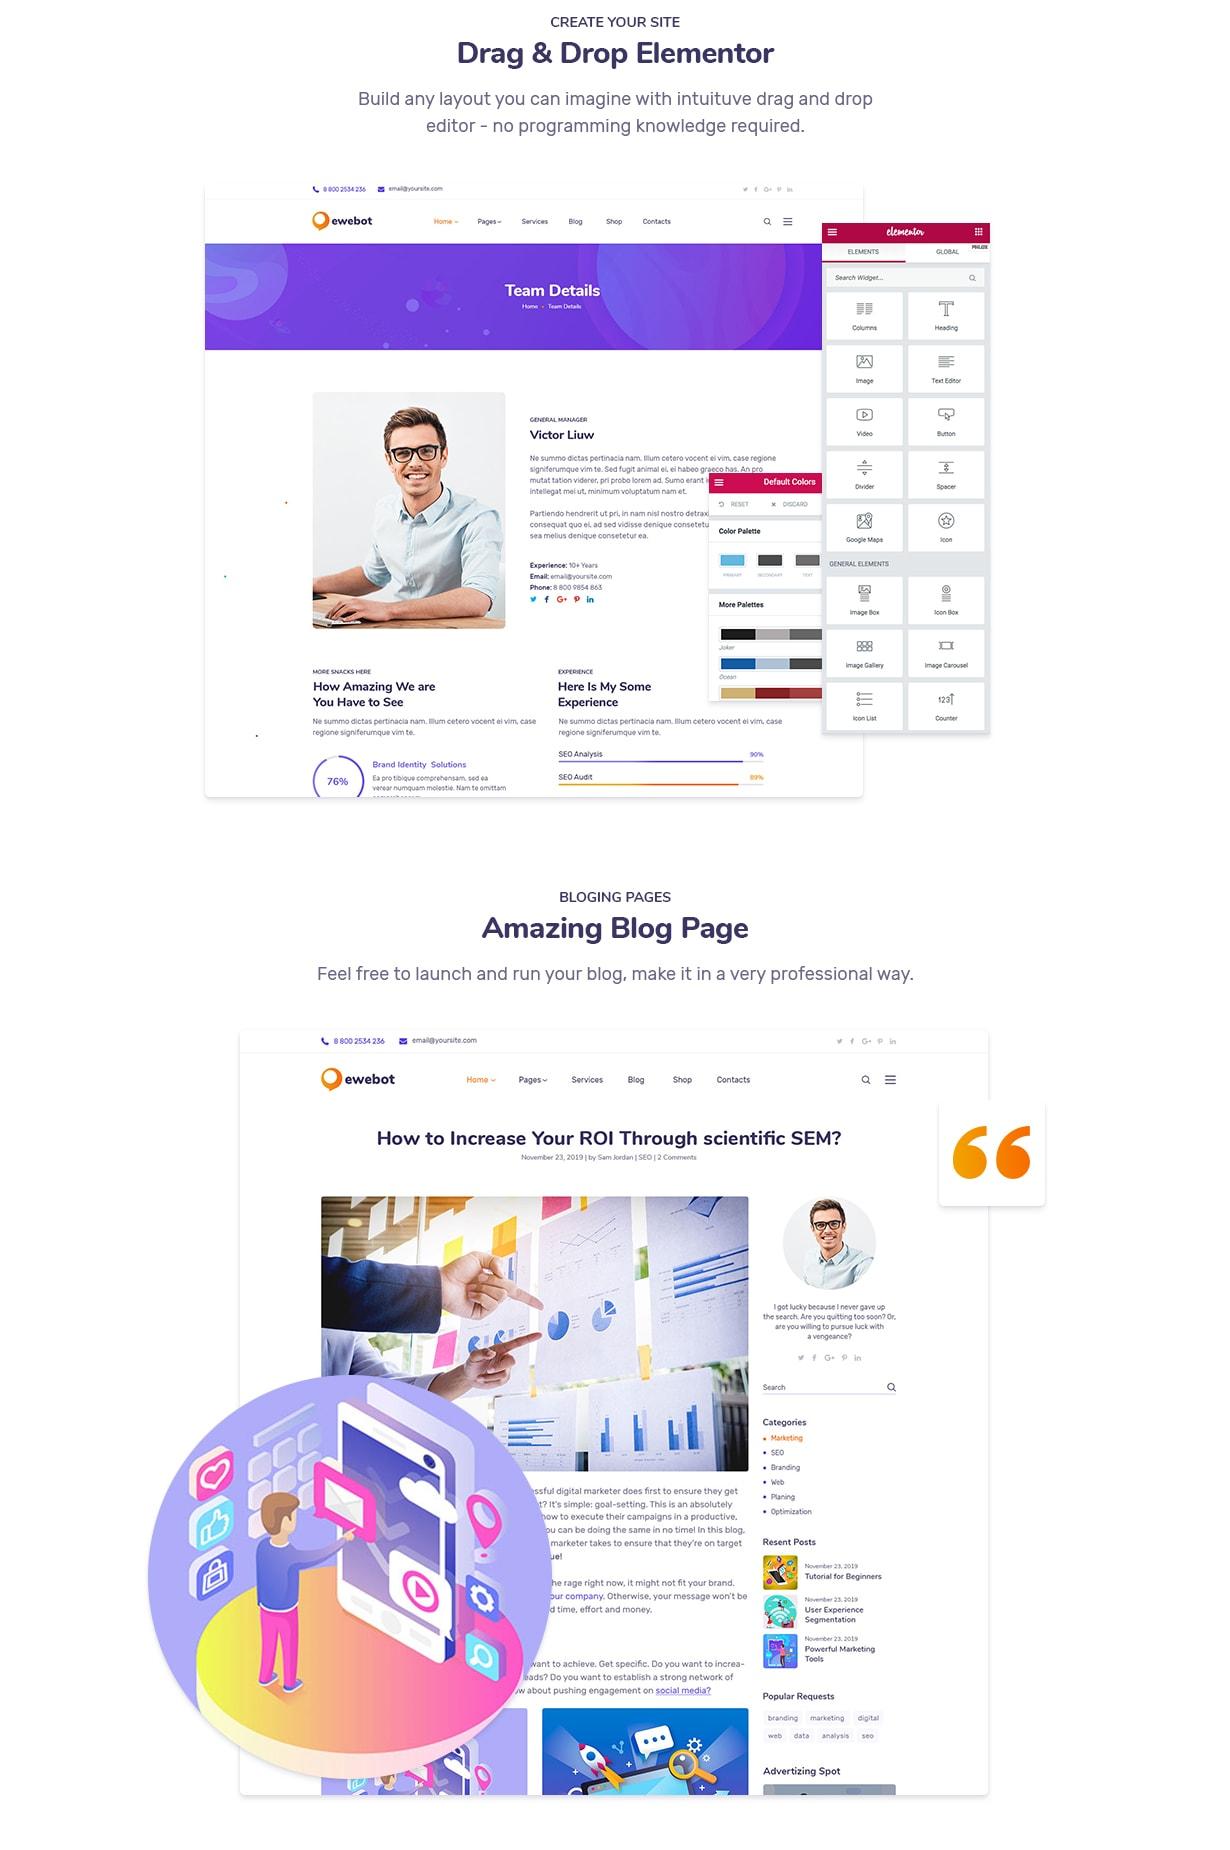 Ewebot - التسويق والوكالة الرقمية لتحسين محركات البحث - 6